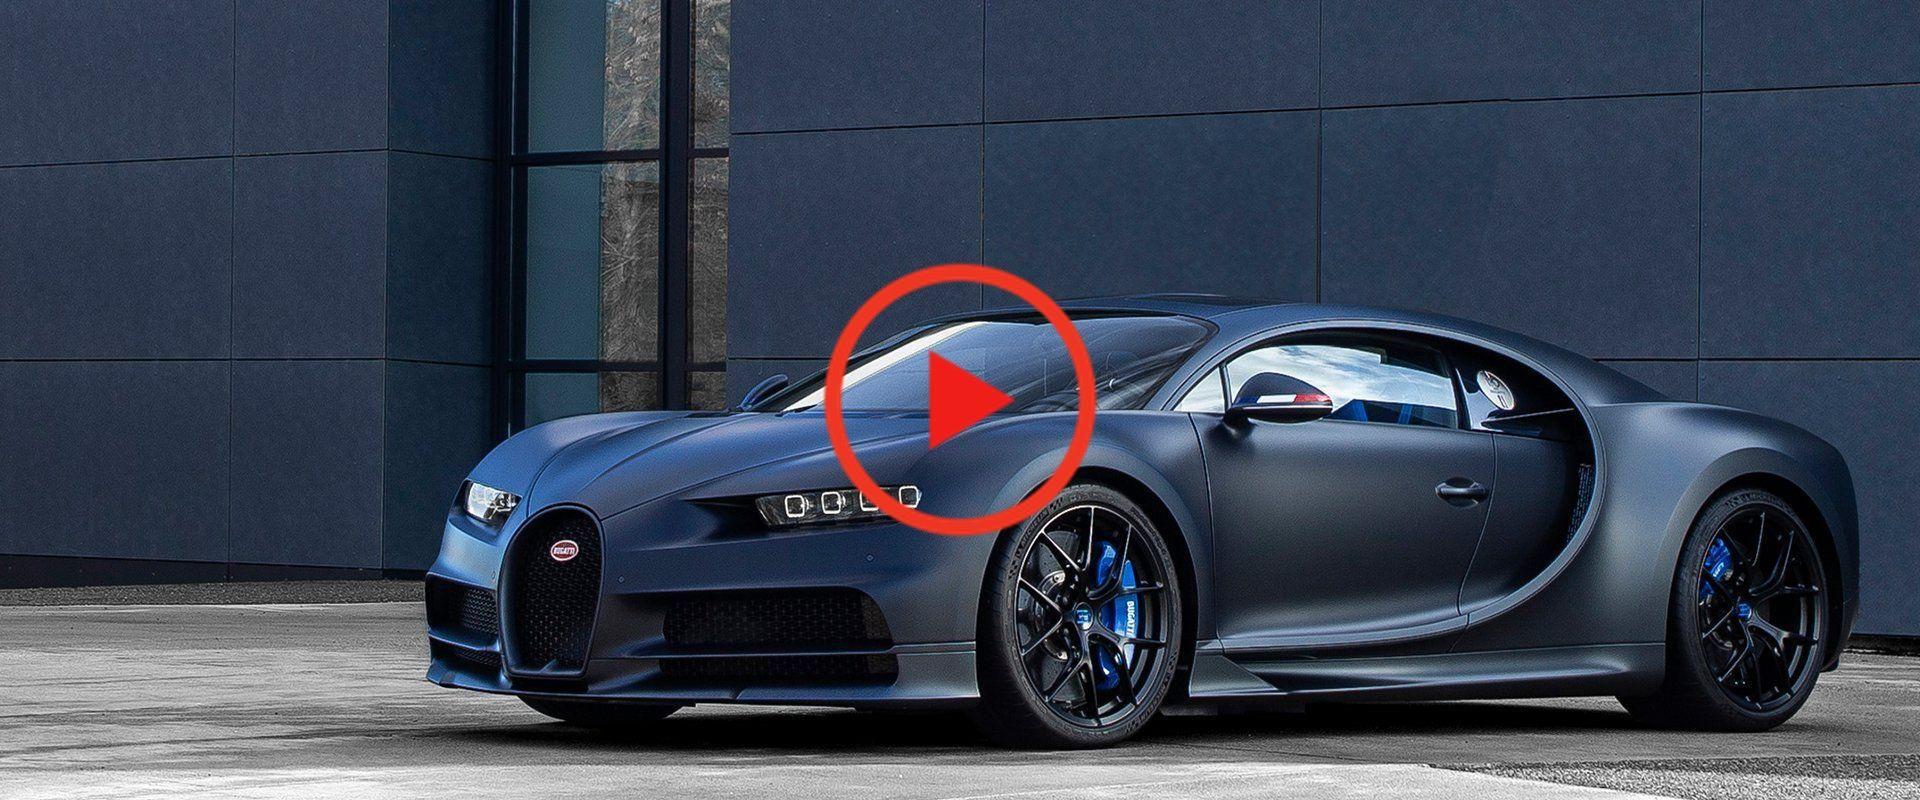 Bugatti Celebrating 110th Anniversary At Ny Auto Show With New Car In 2020 Bugatti New Cars Car